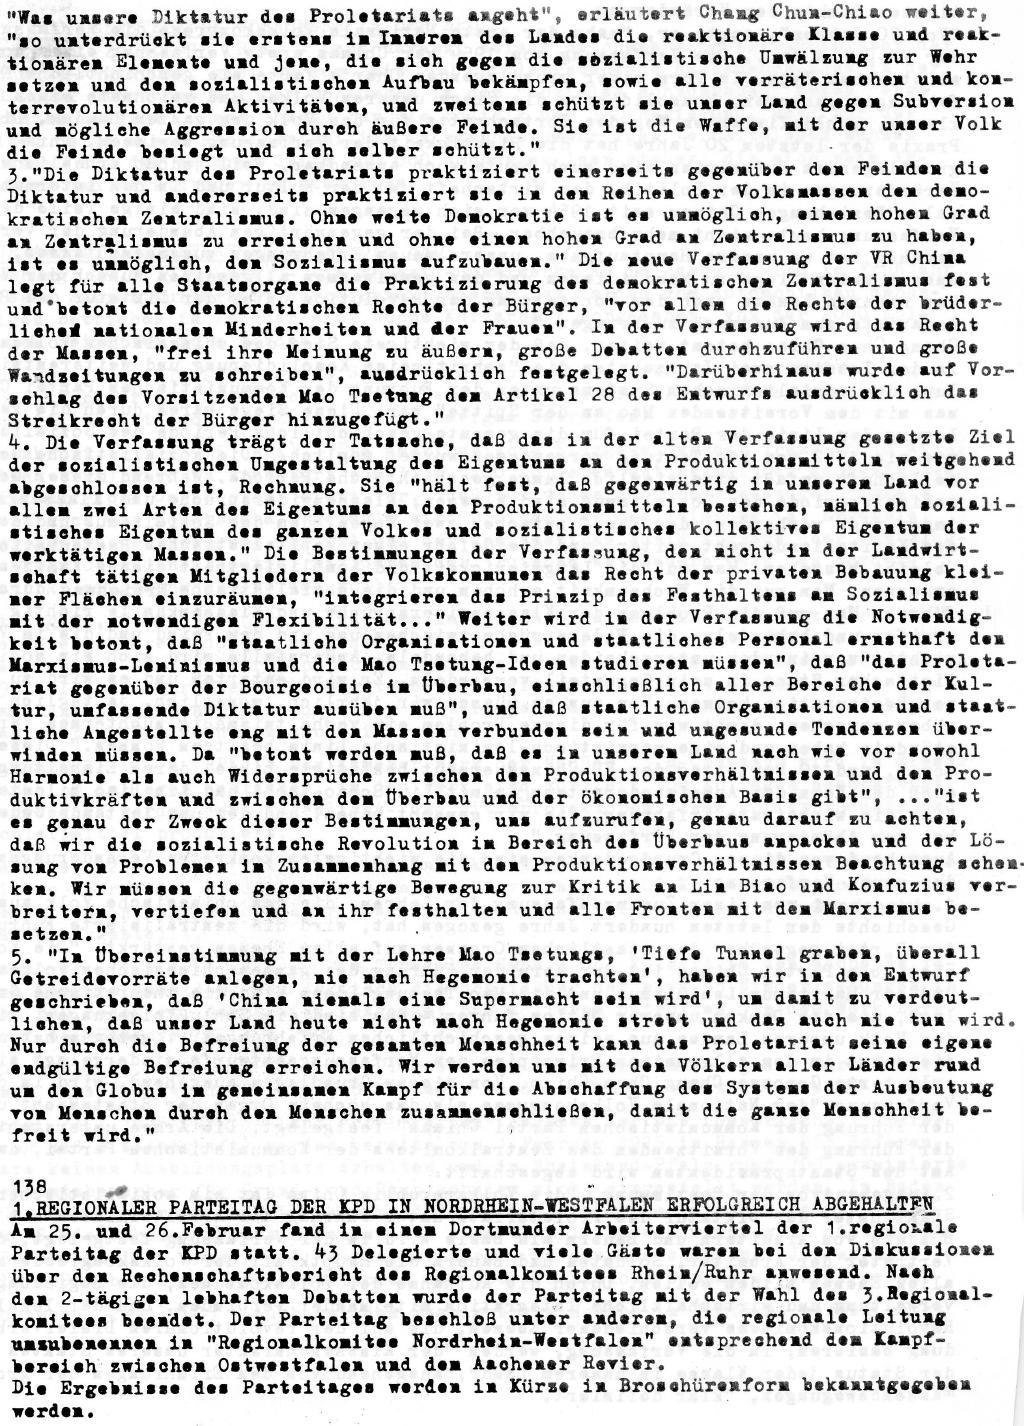 RPK_Pressedienst_1975_10_12